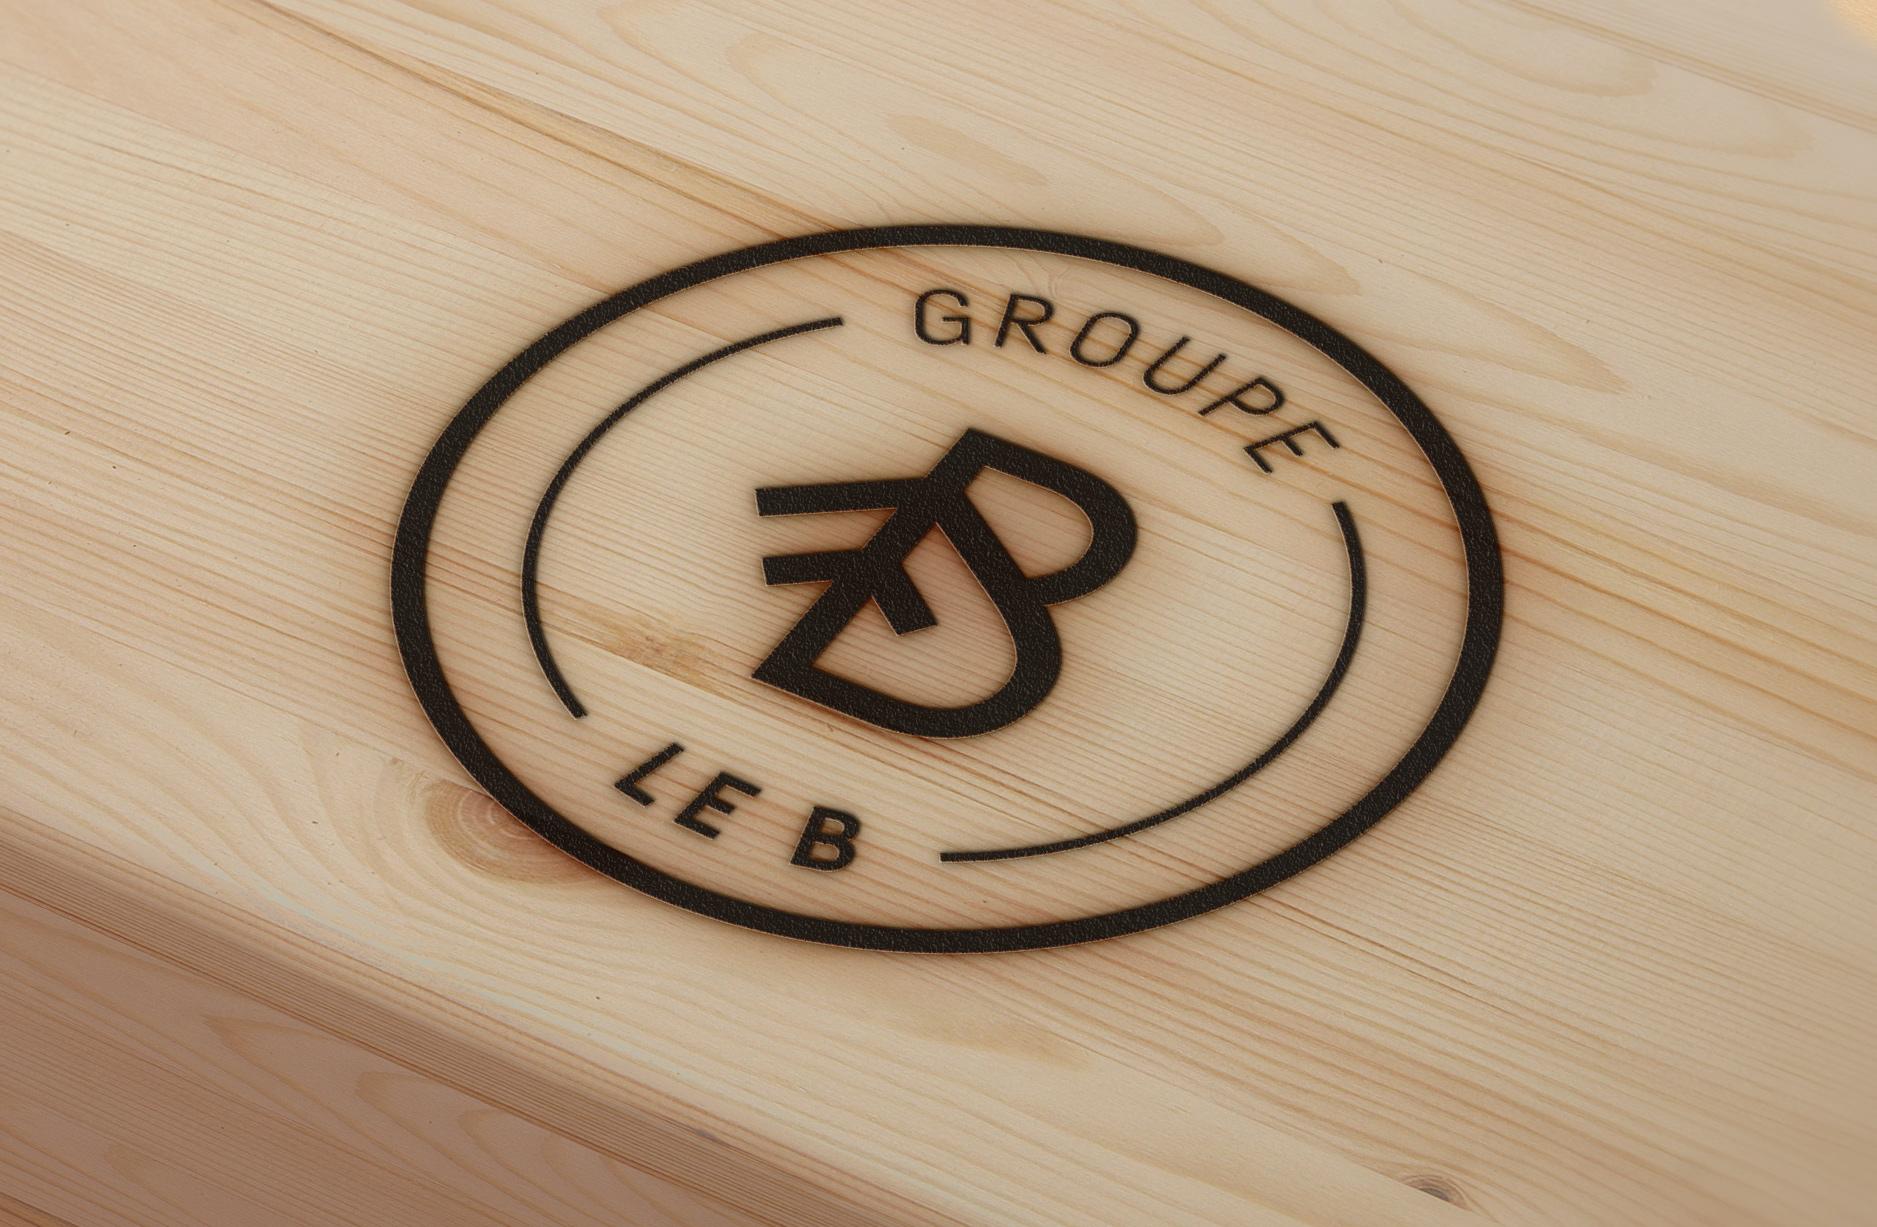 GroupeLeB.jpg